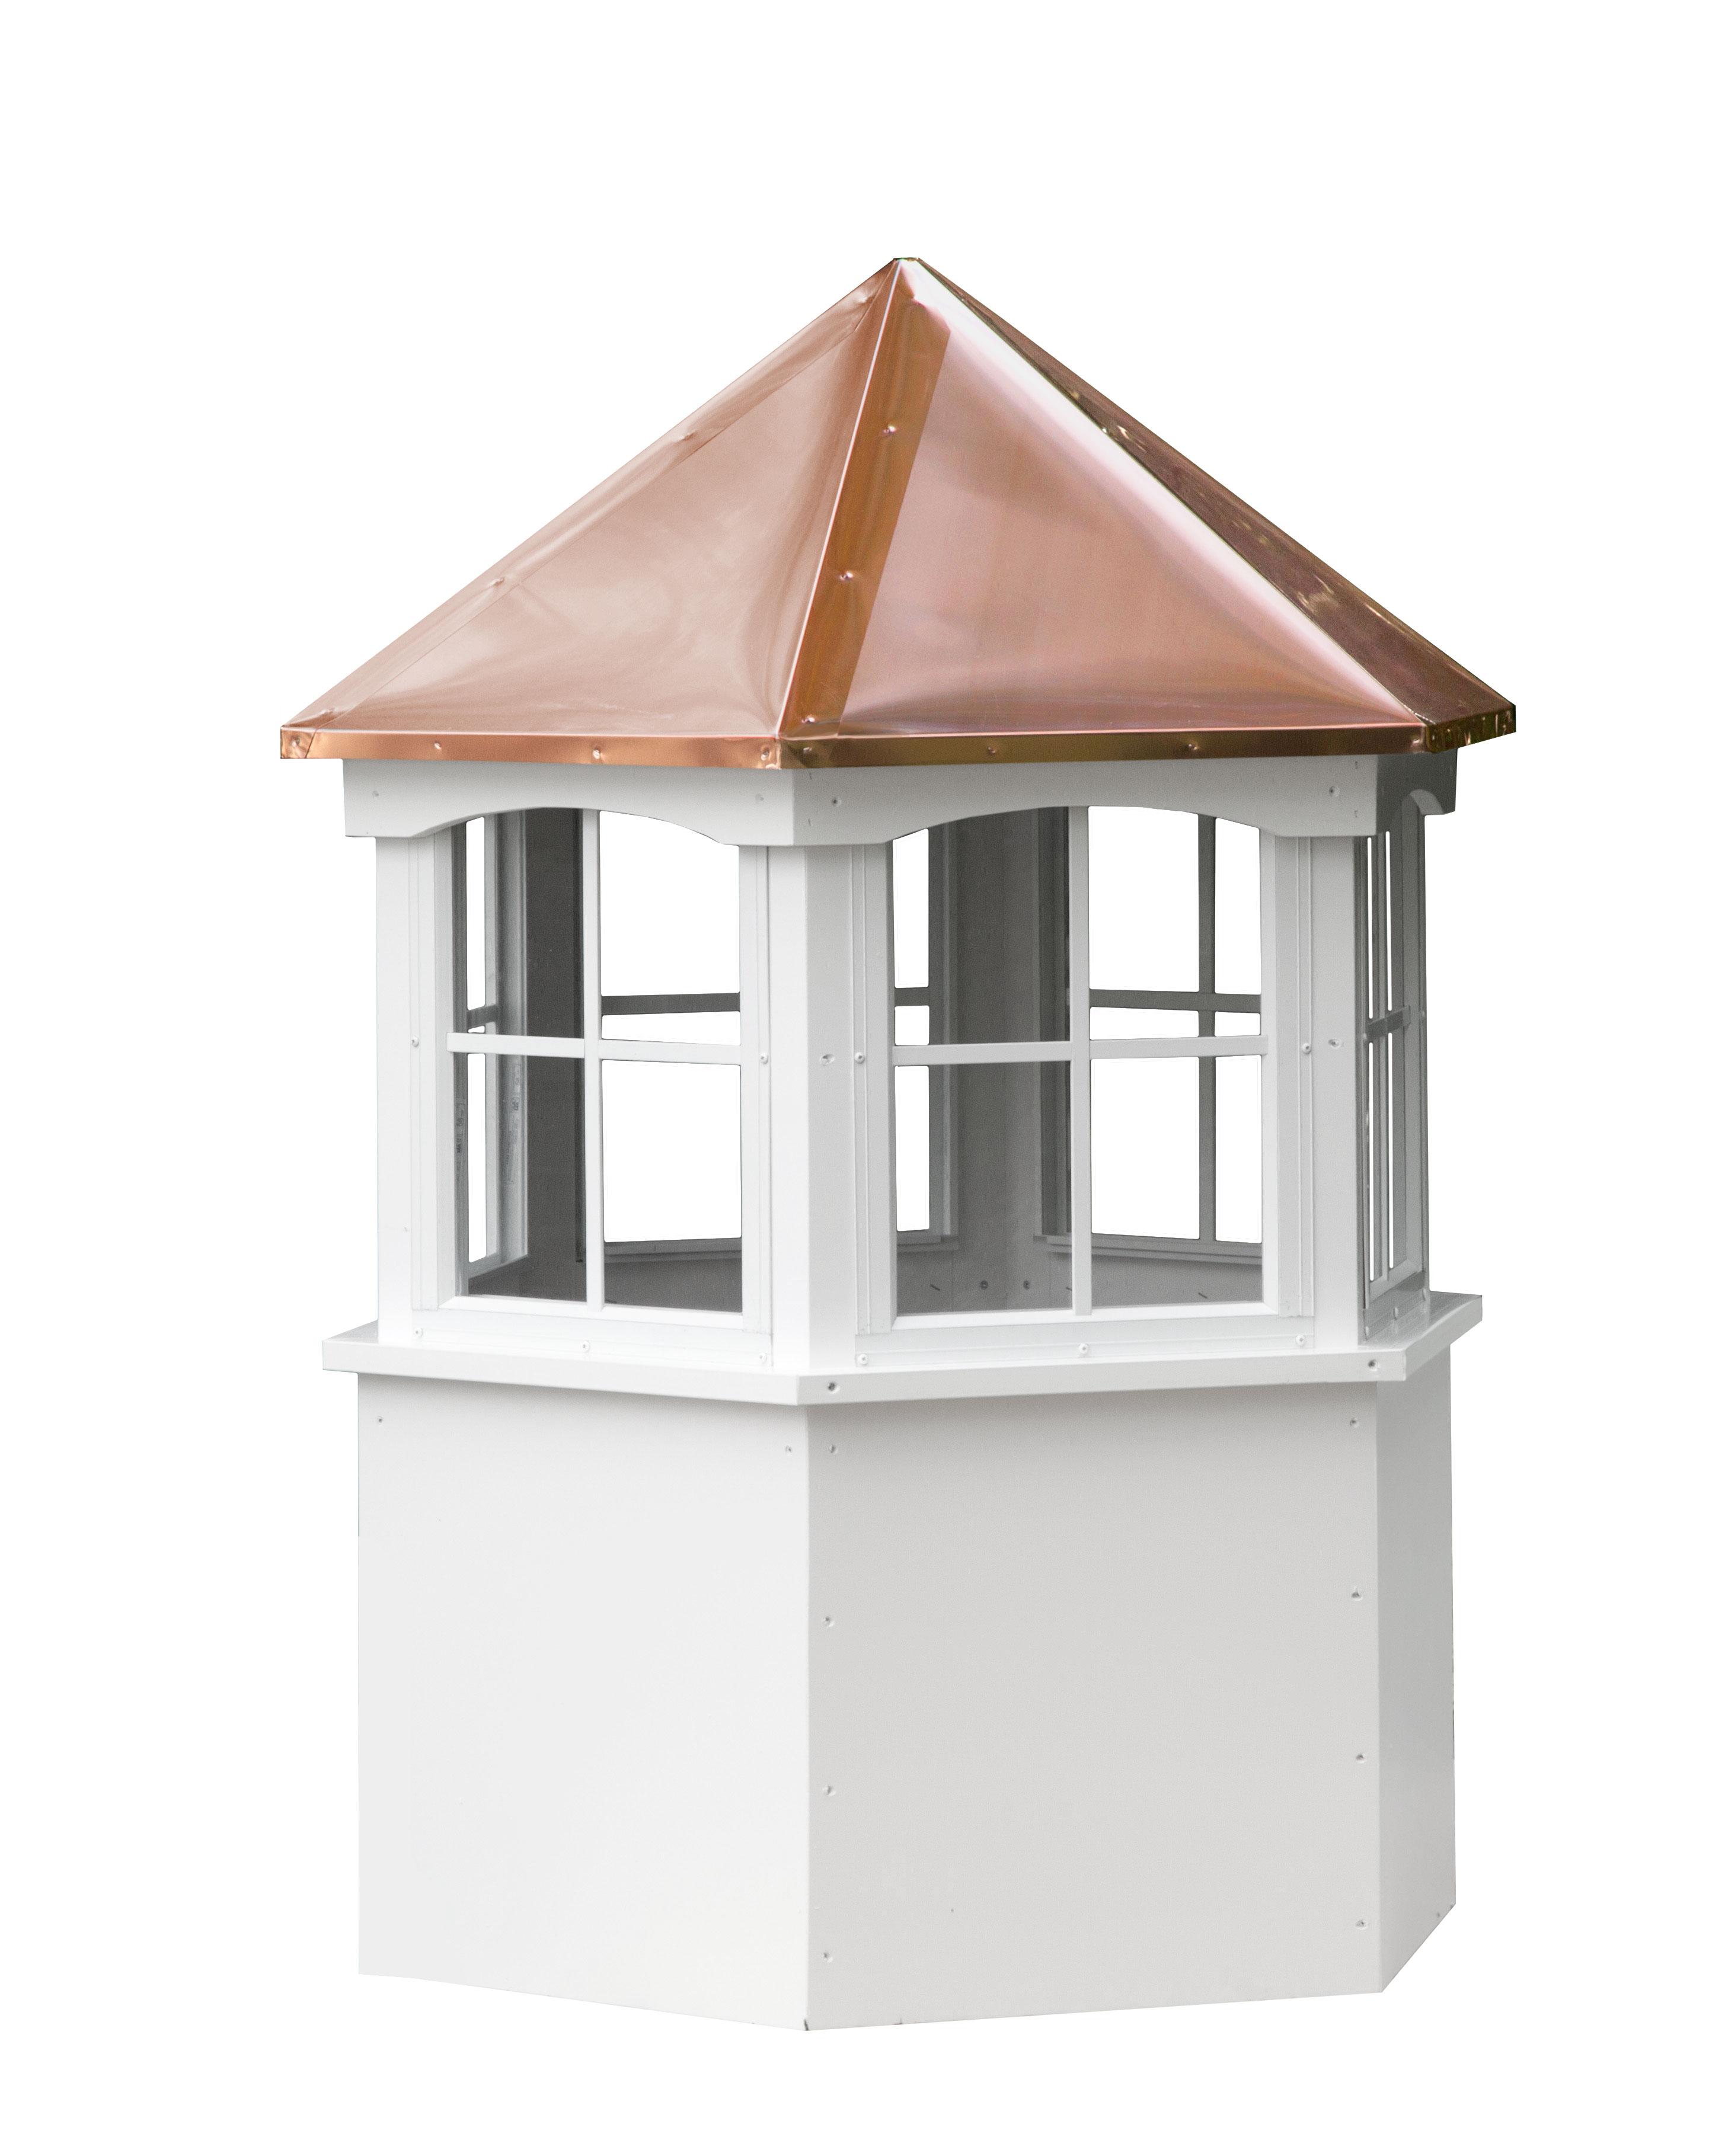 kestrel cupola